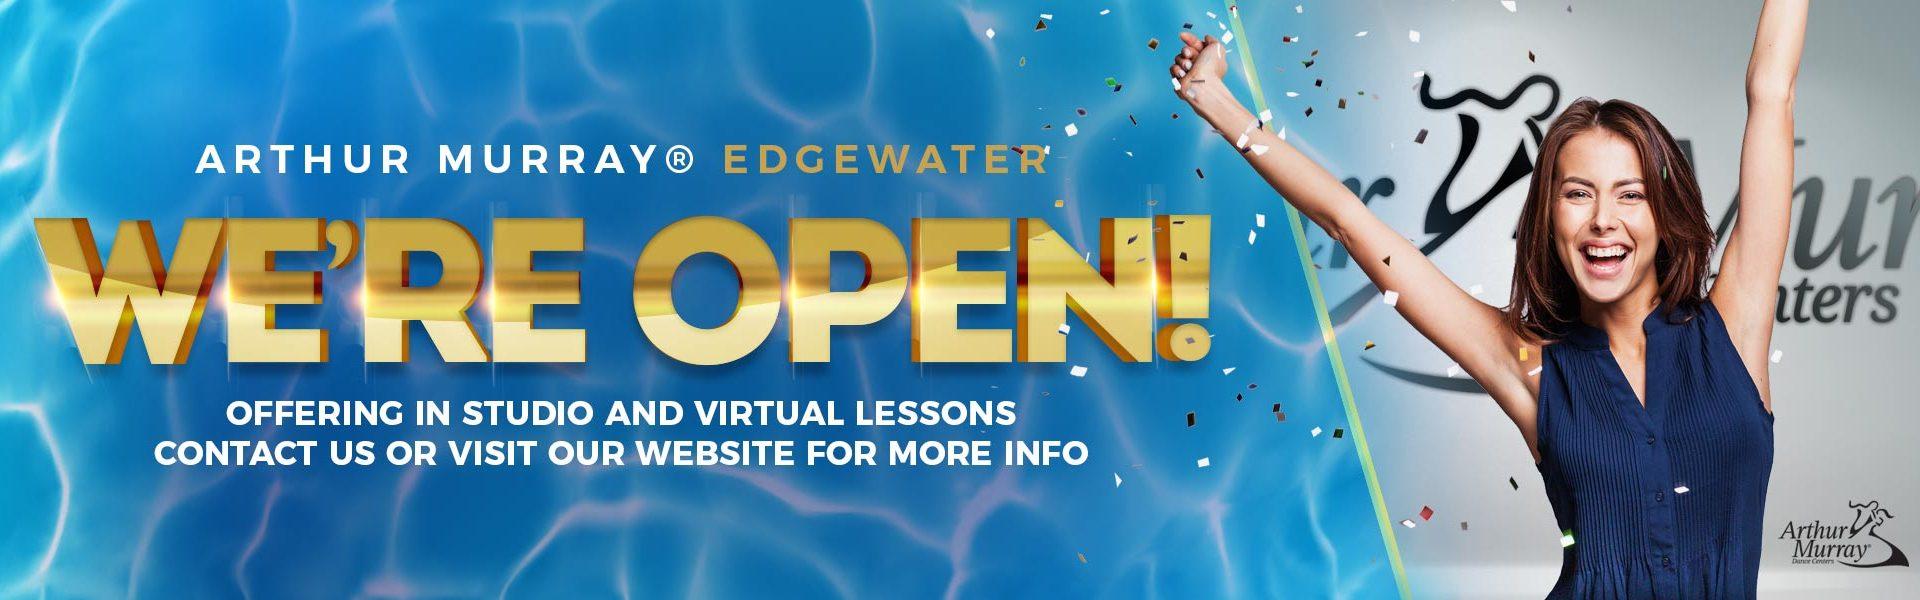 We're Open! Arthur Murray Edgwater Studio is open!